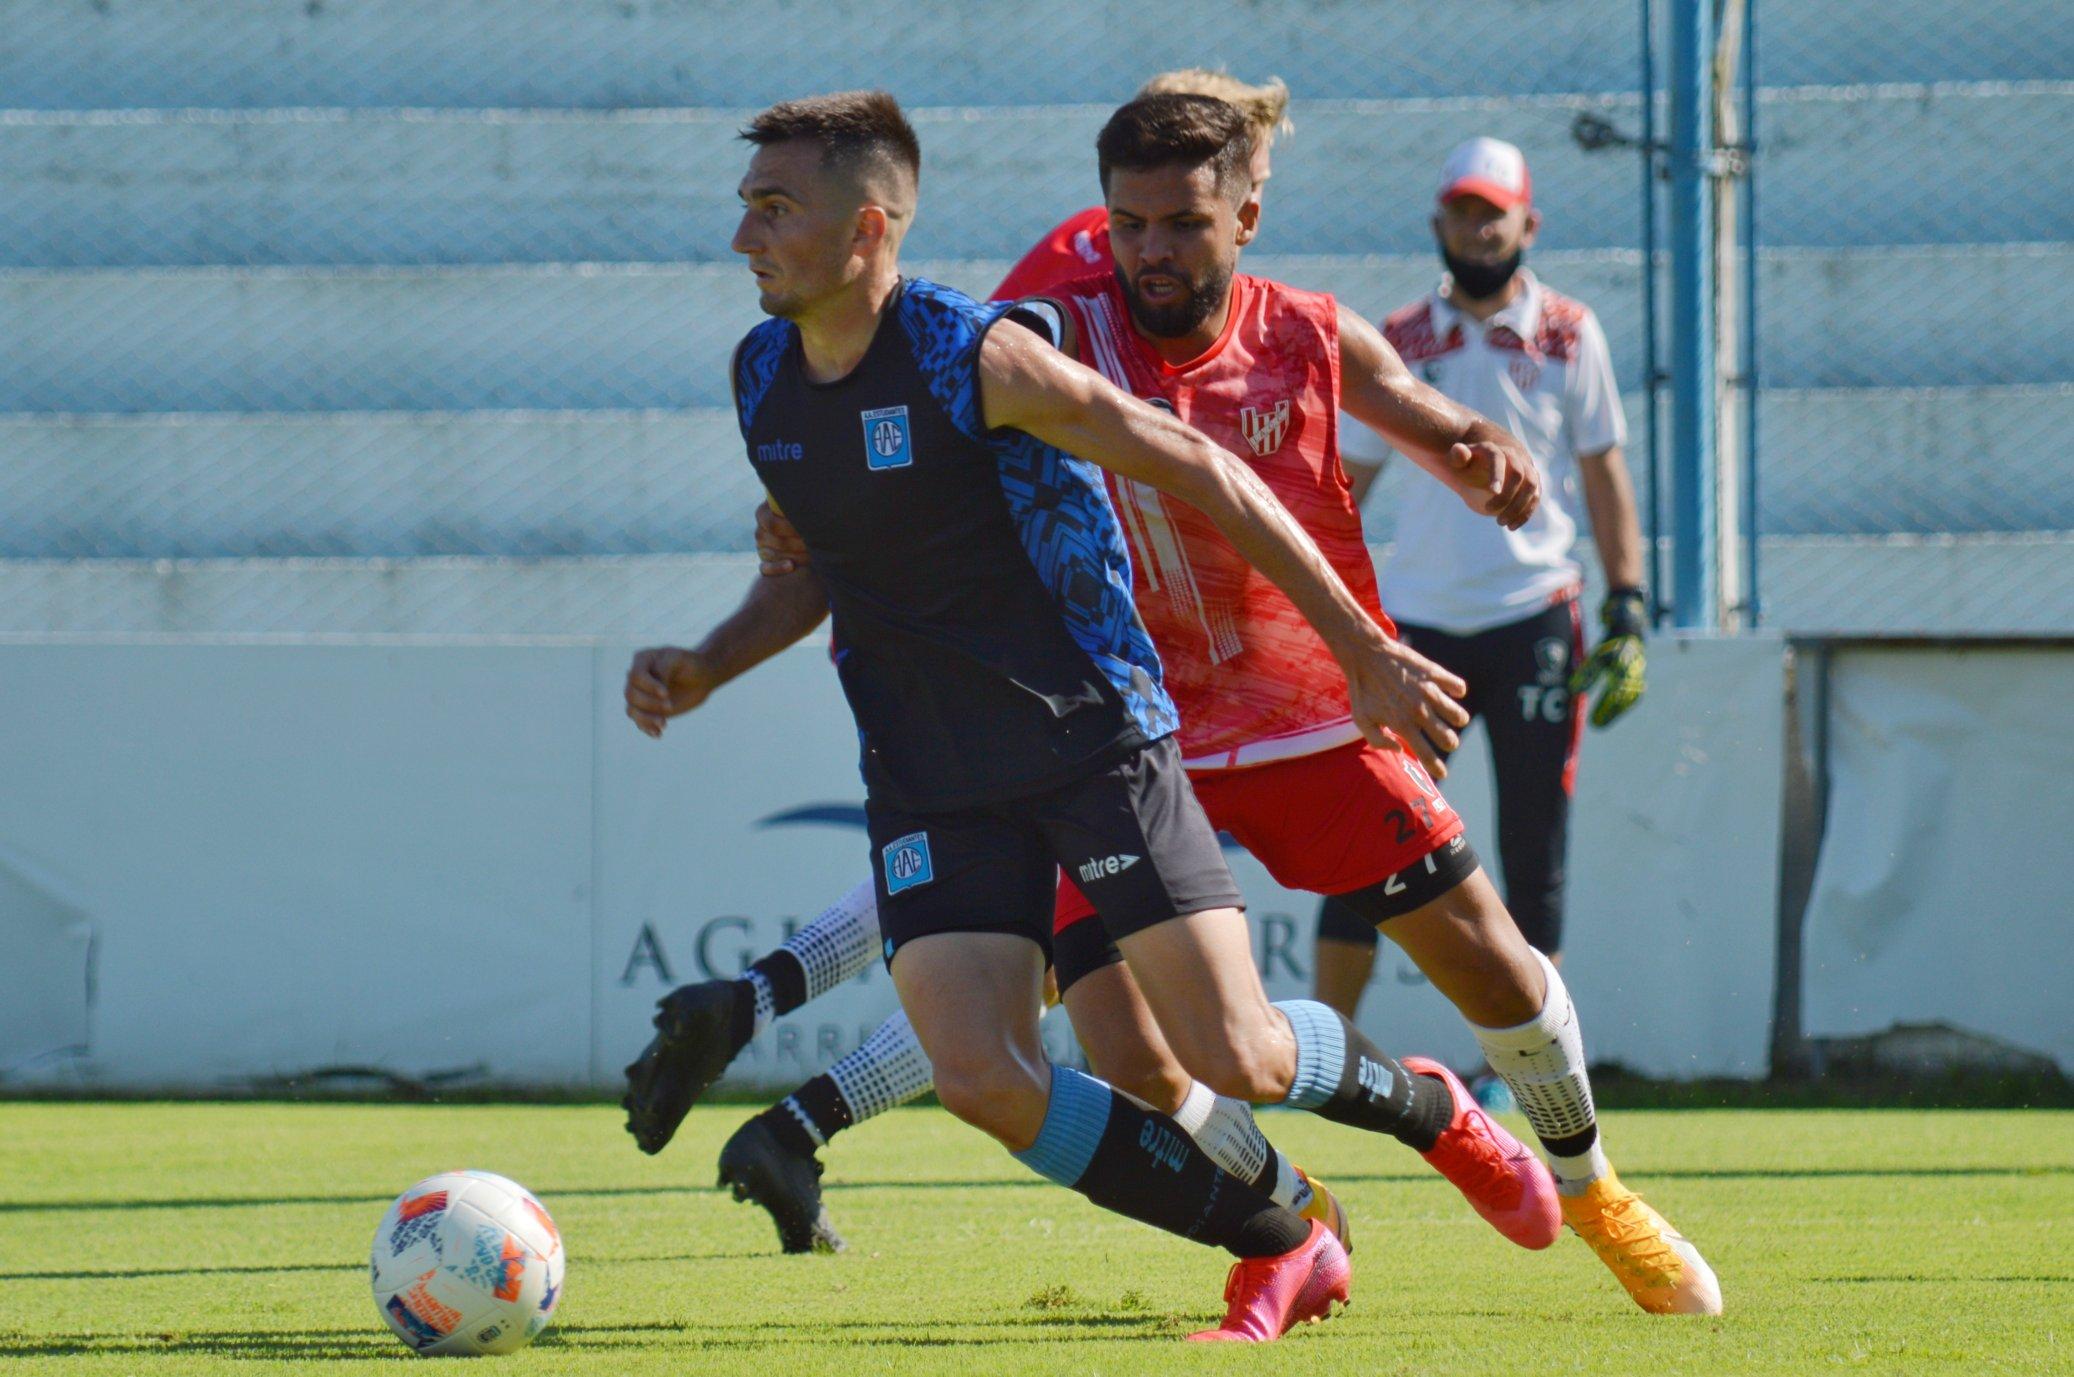 """El """"celeste"""" igualó 2 a 2 con Instituto de Córdoba en condición de local en un partido preparatorio que se disputó en la mañana de este viernes."""